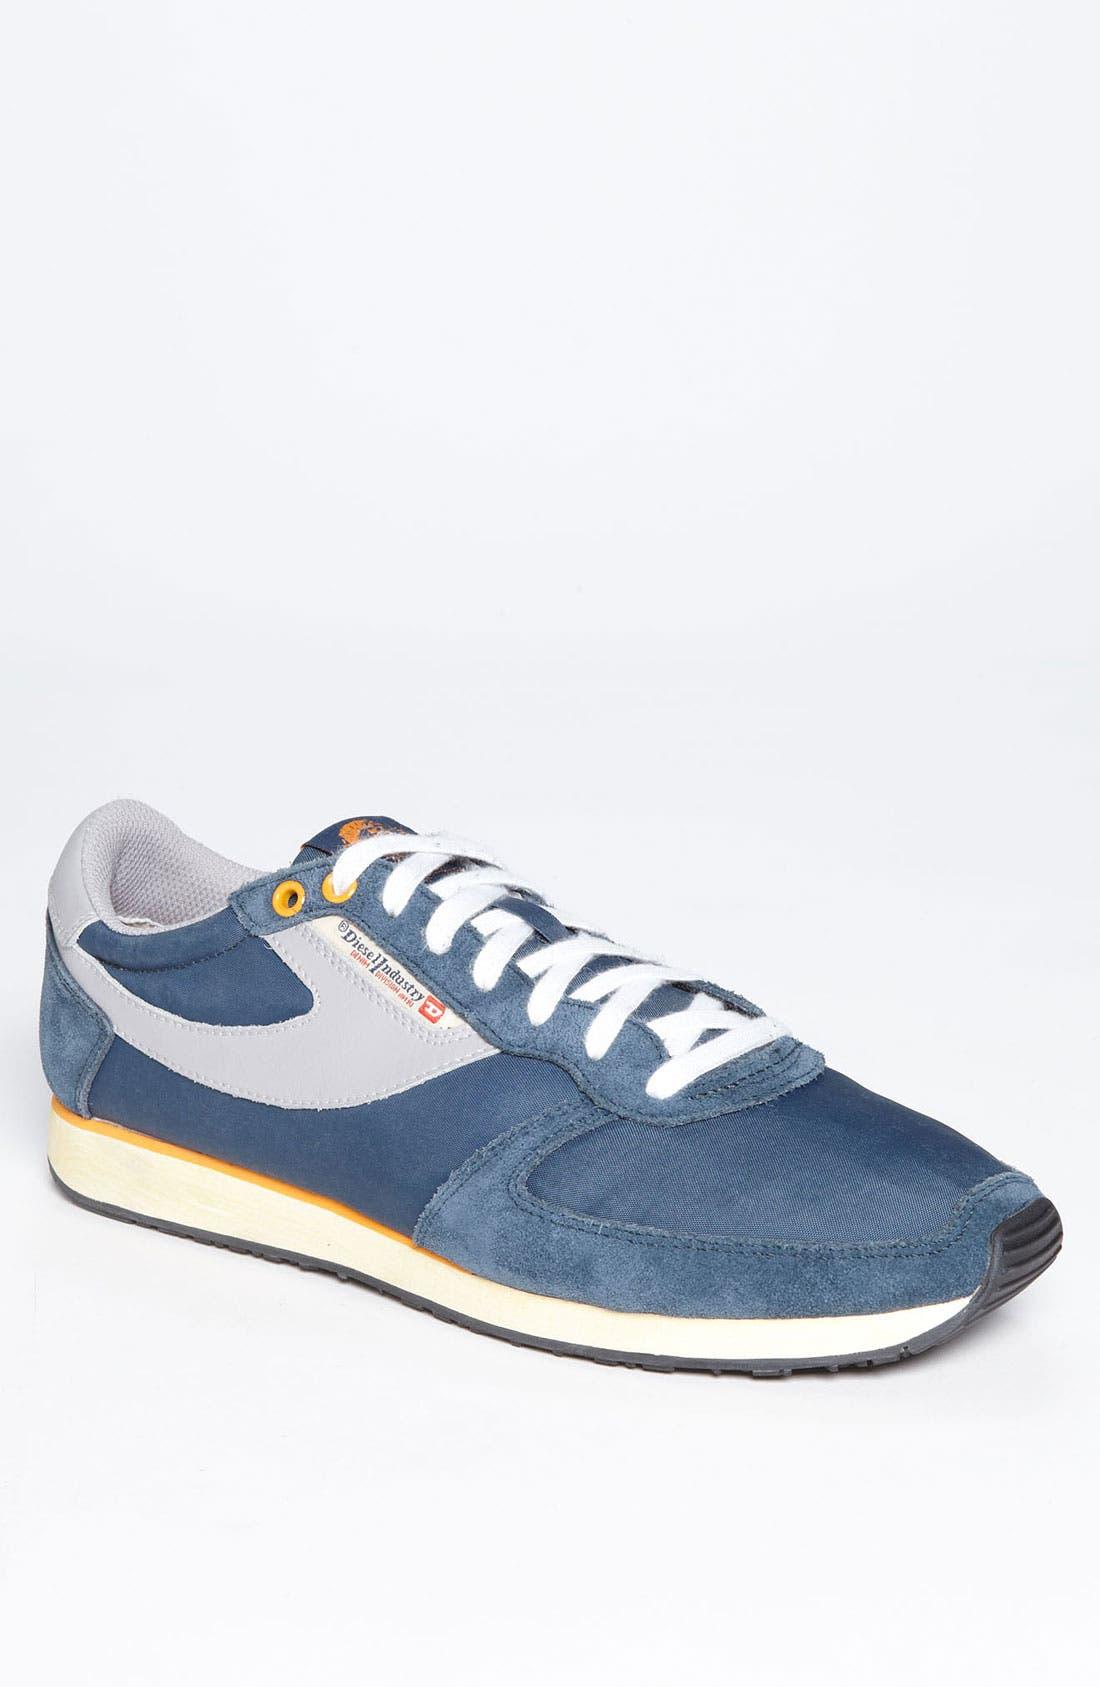 Alternate Image 1 Selected - DIESEL® 'Pass On' Sneaker